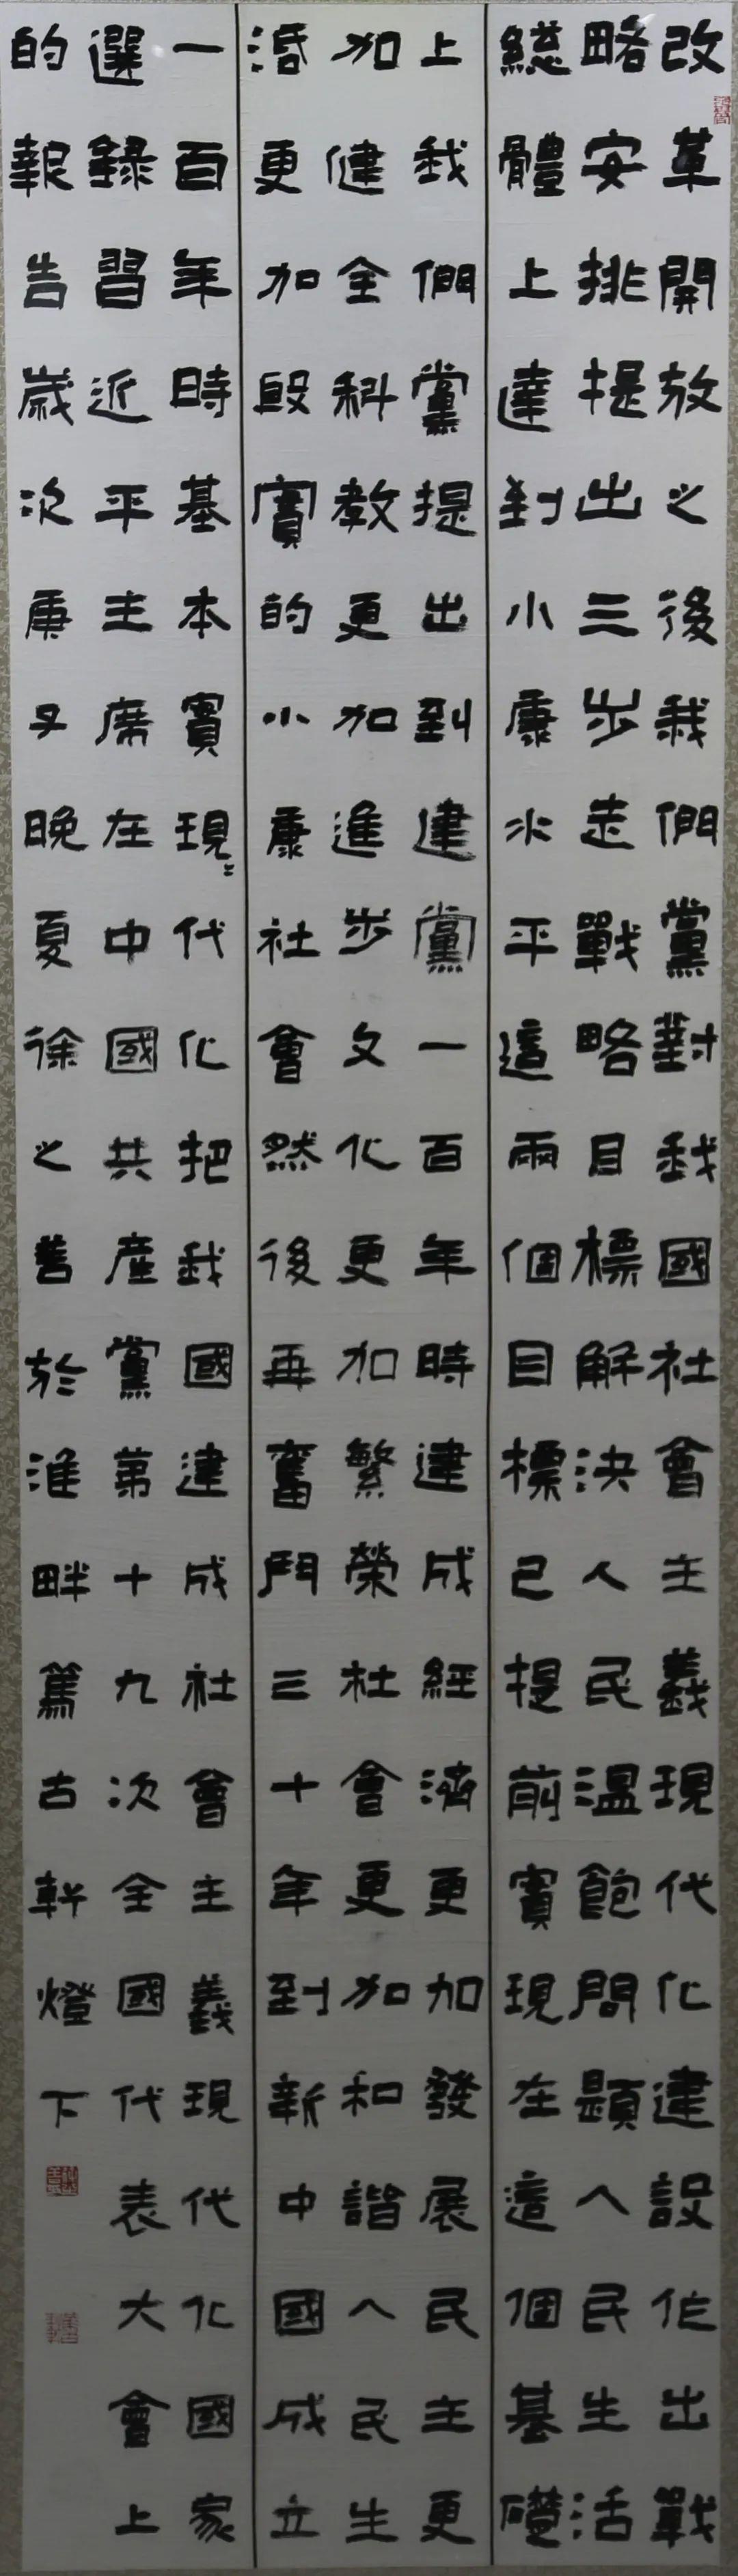 传承红色文化 携手共迎小康 苏皖两省六市书画展在蚌埠开幕(图35)